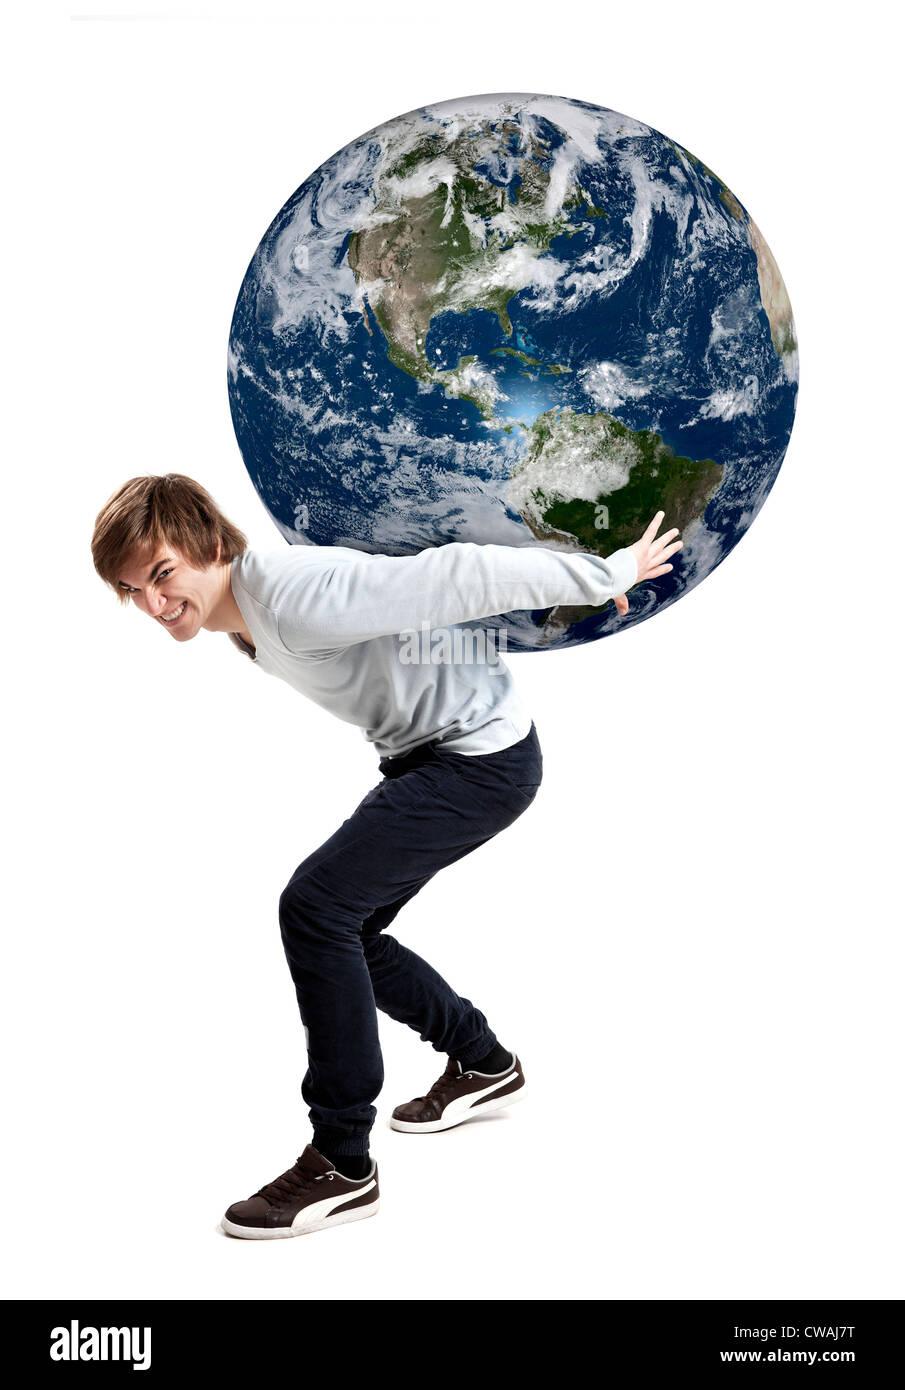 Apuesto joven cuidar el planeta tierra sobre sus espaldas, aislado en blanco Imagen De Stock